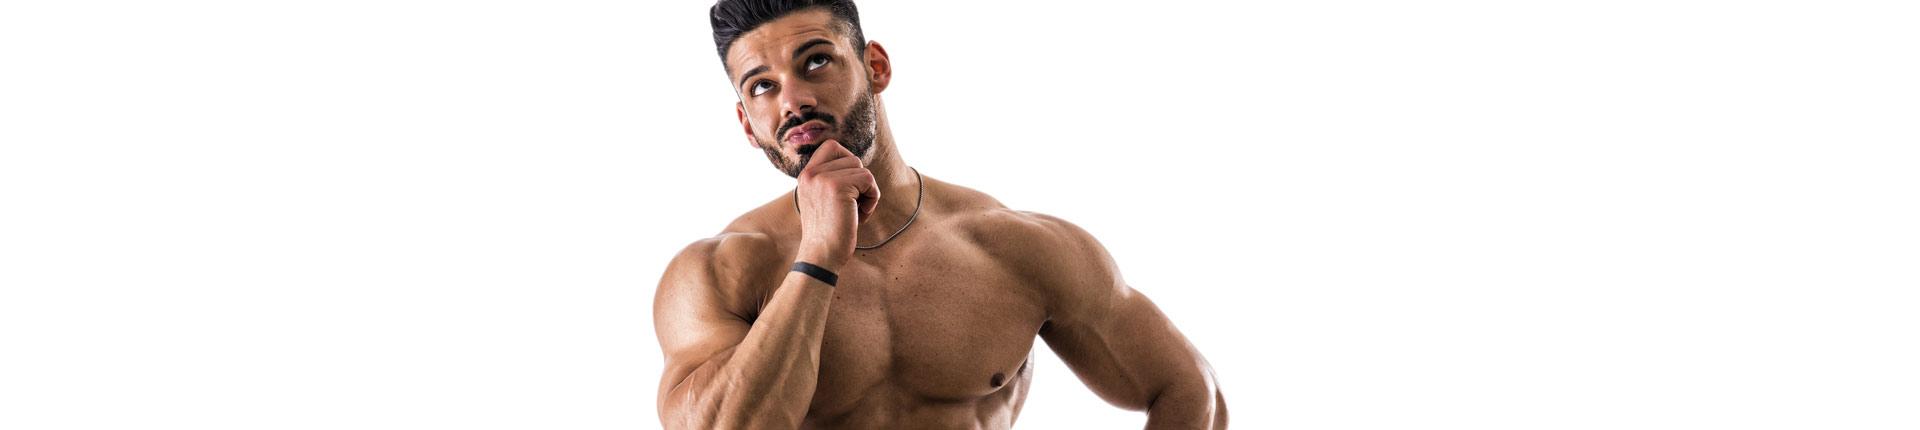 8 sposobów na zwiększenie masy mięśniowej poza siłownią